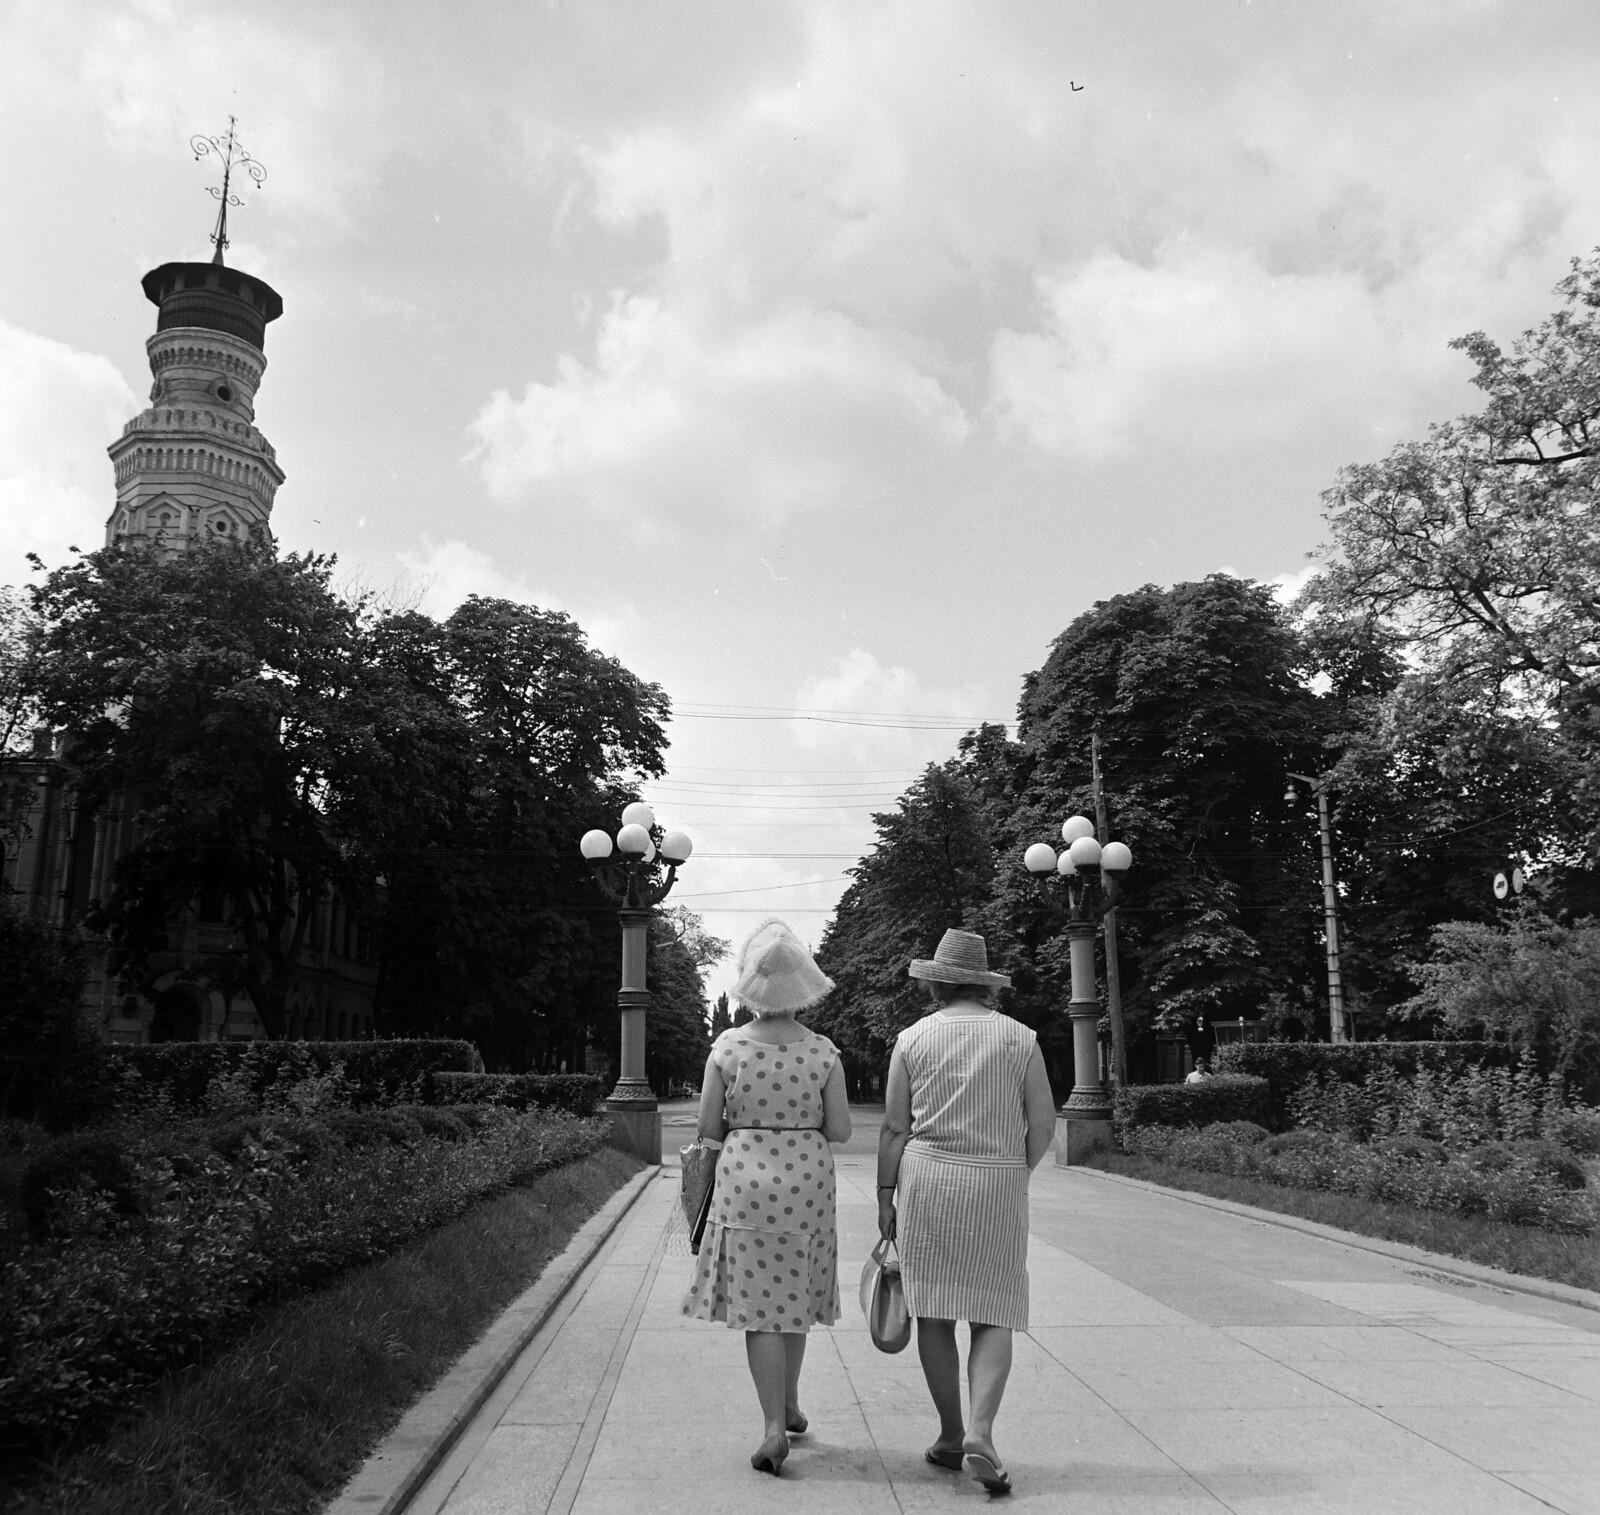 16. Советский парк, на заднем плане башня пожарной части